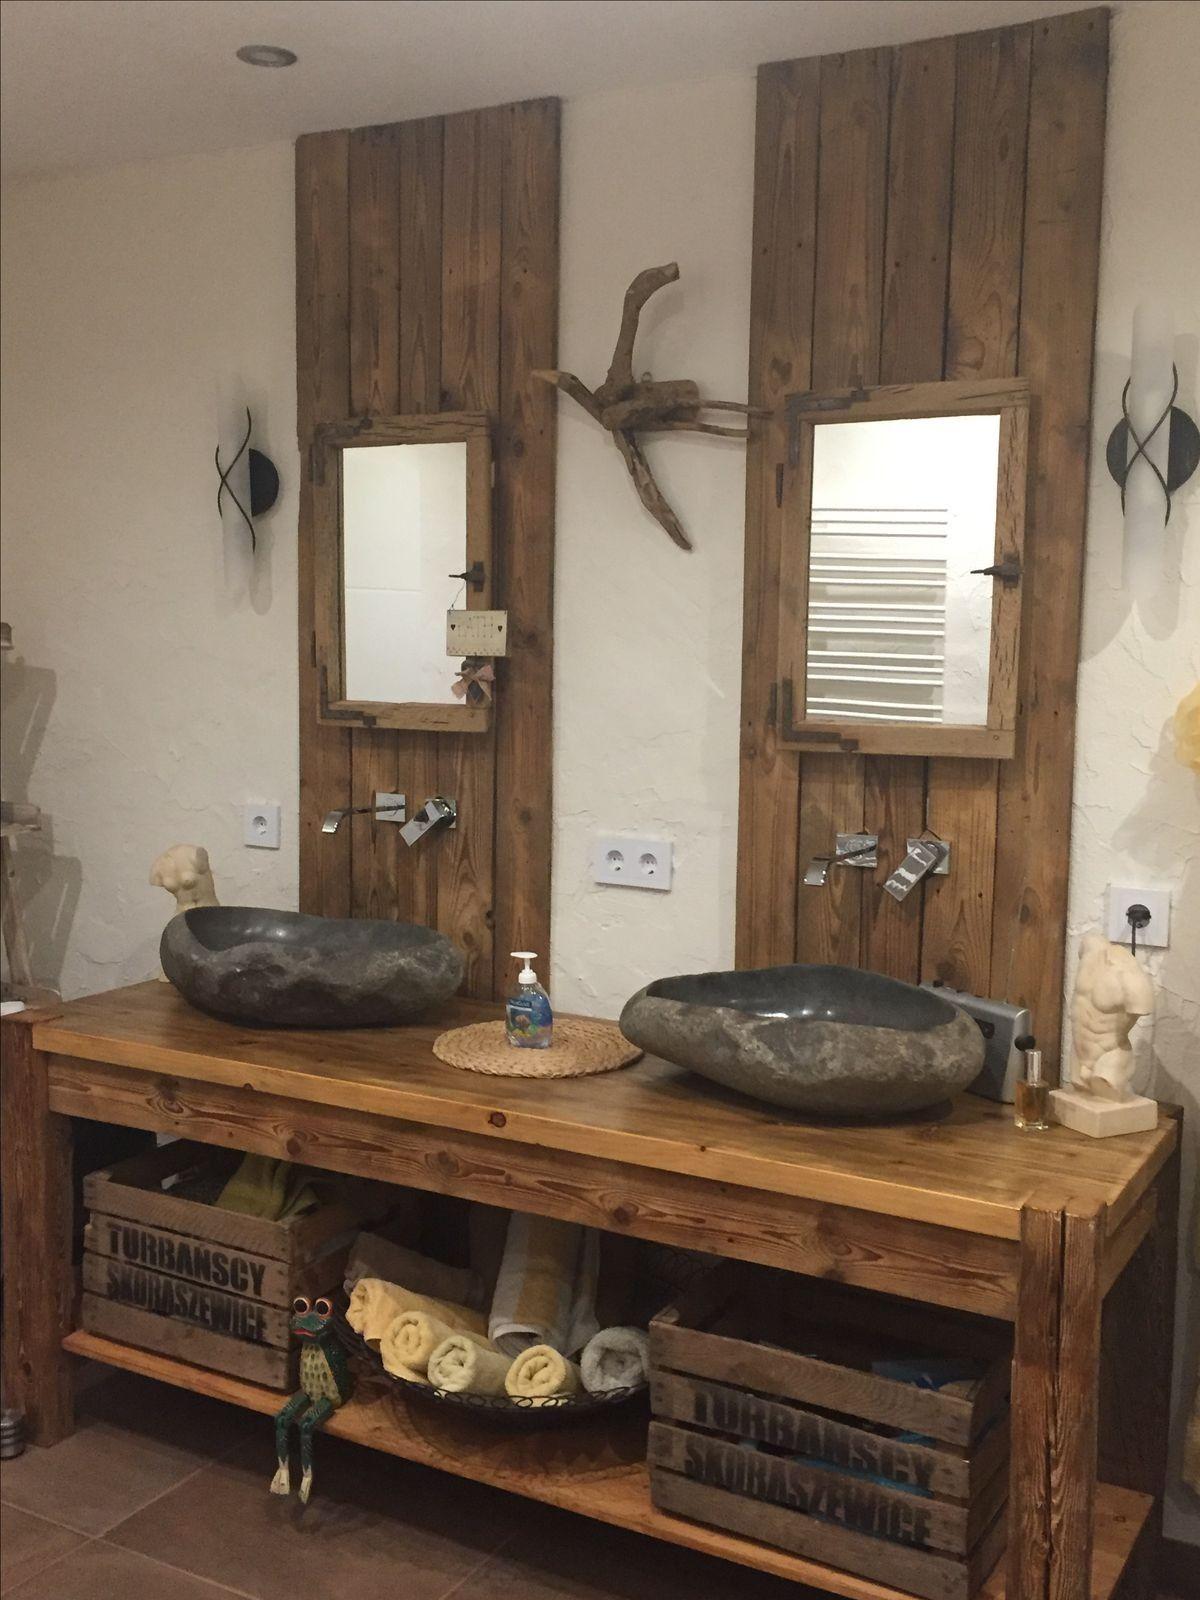 Pin von Vhn auf Ванная | Pinterest | Badezimmer, zukünftiges Haus ...